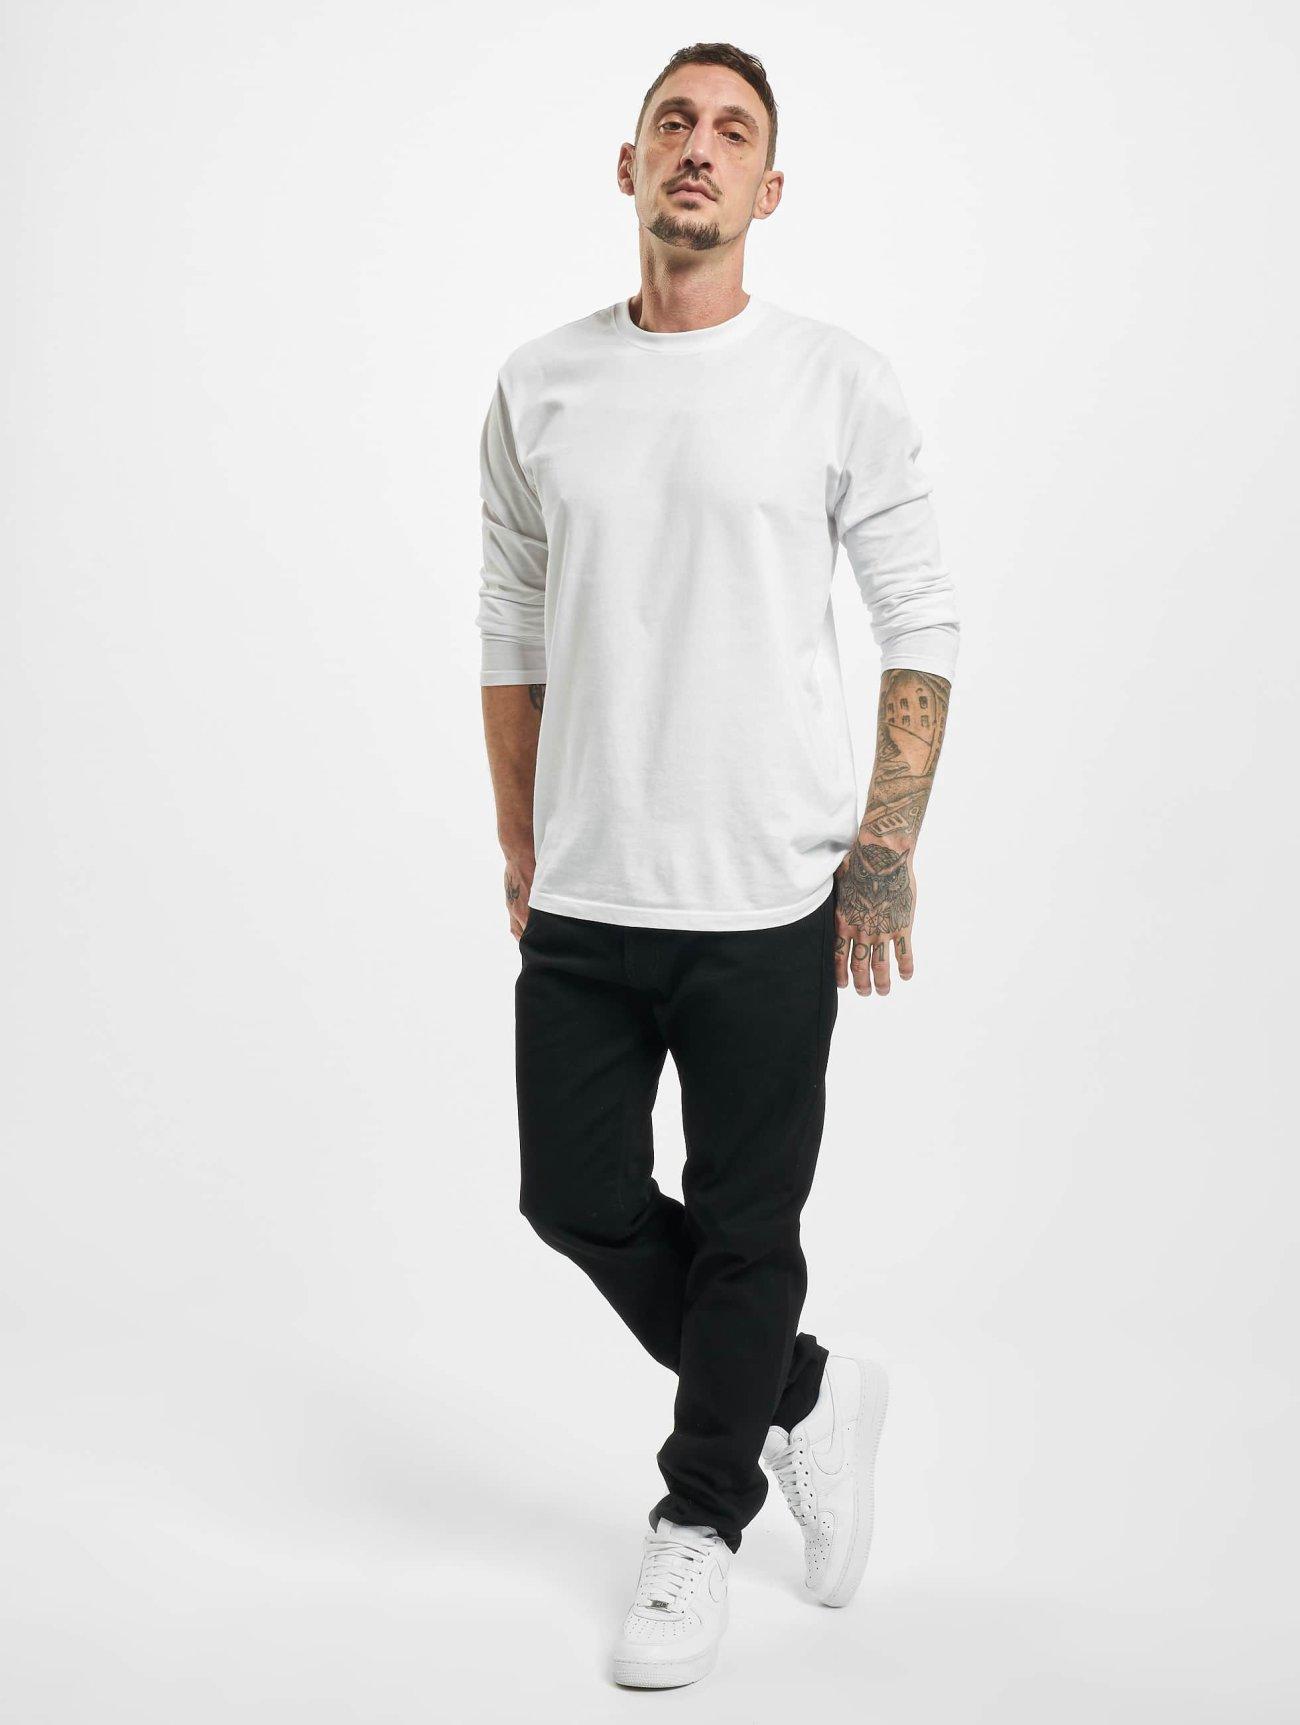 Carhartt WIP Jeans / Straight Fit Jeans Maitland Klondike i svart 406446 Män Jeans